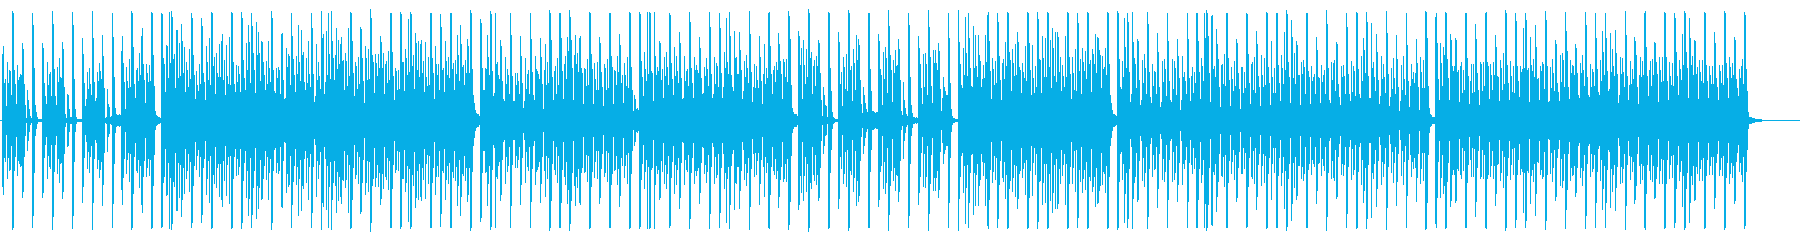 クールで無機質なEDM/シンセサイザーの再生済みの波形